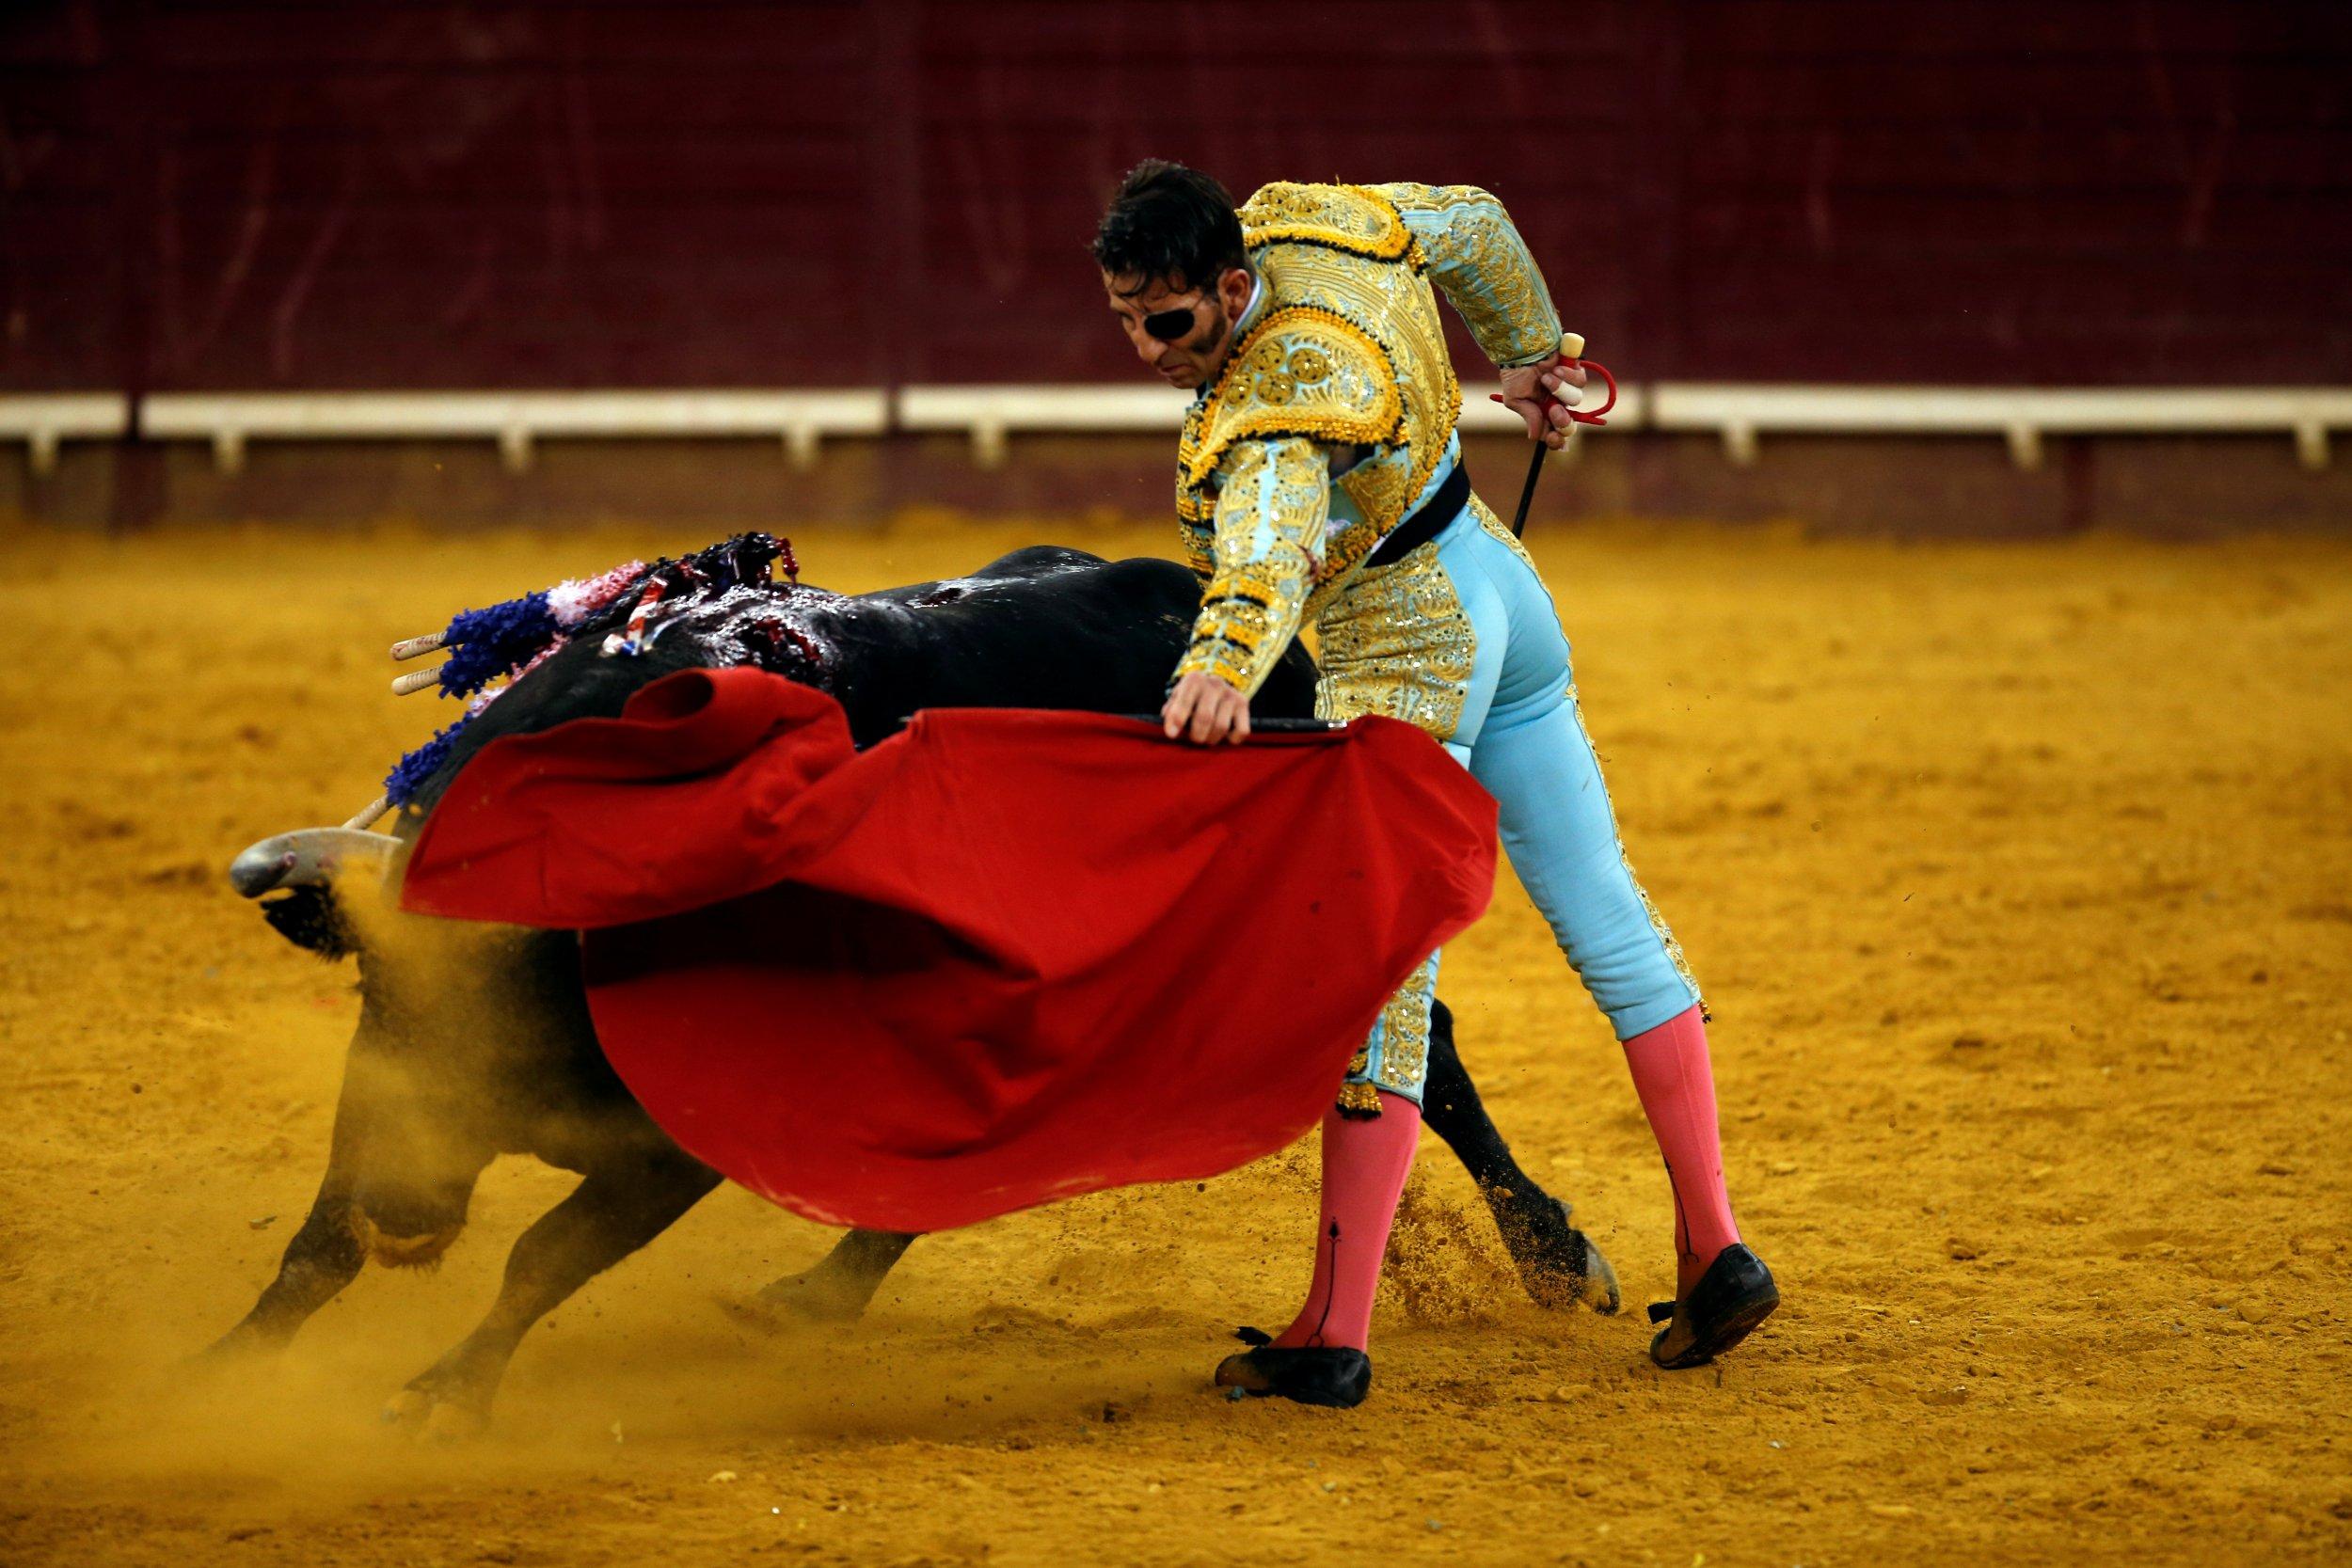 09_13_bullfighting_02